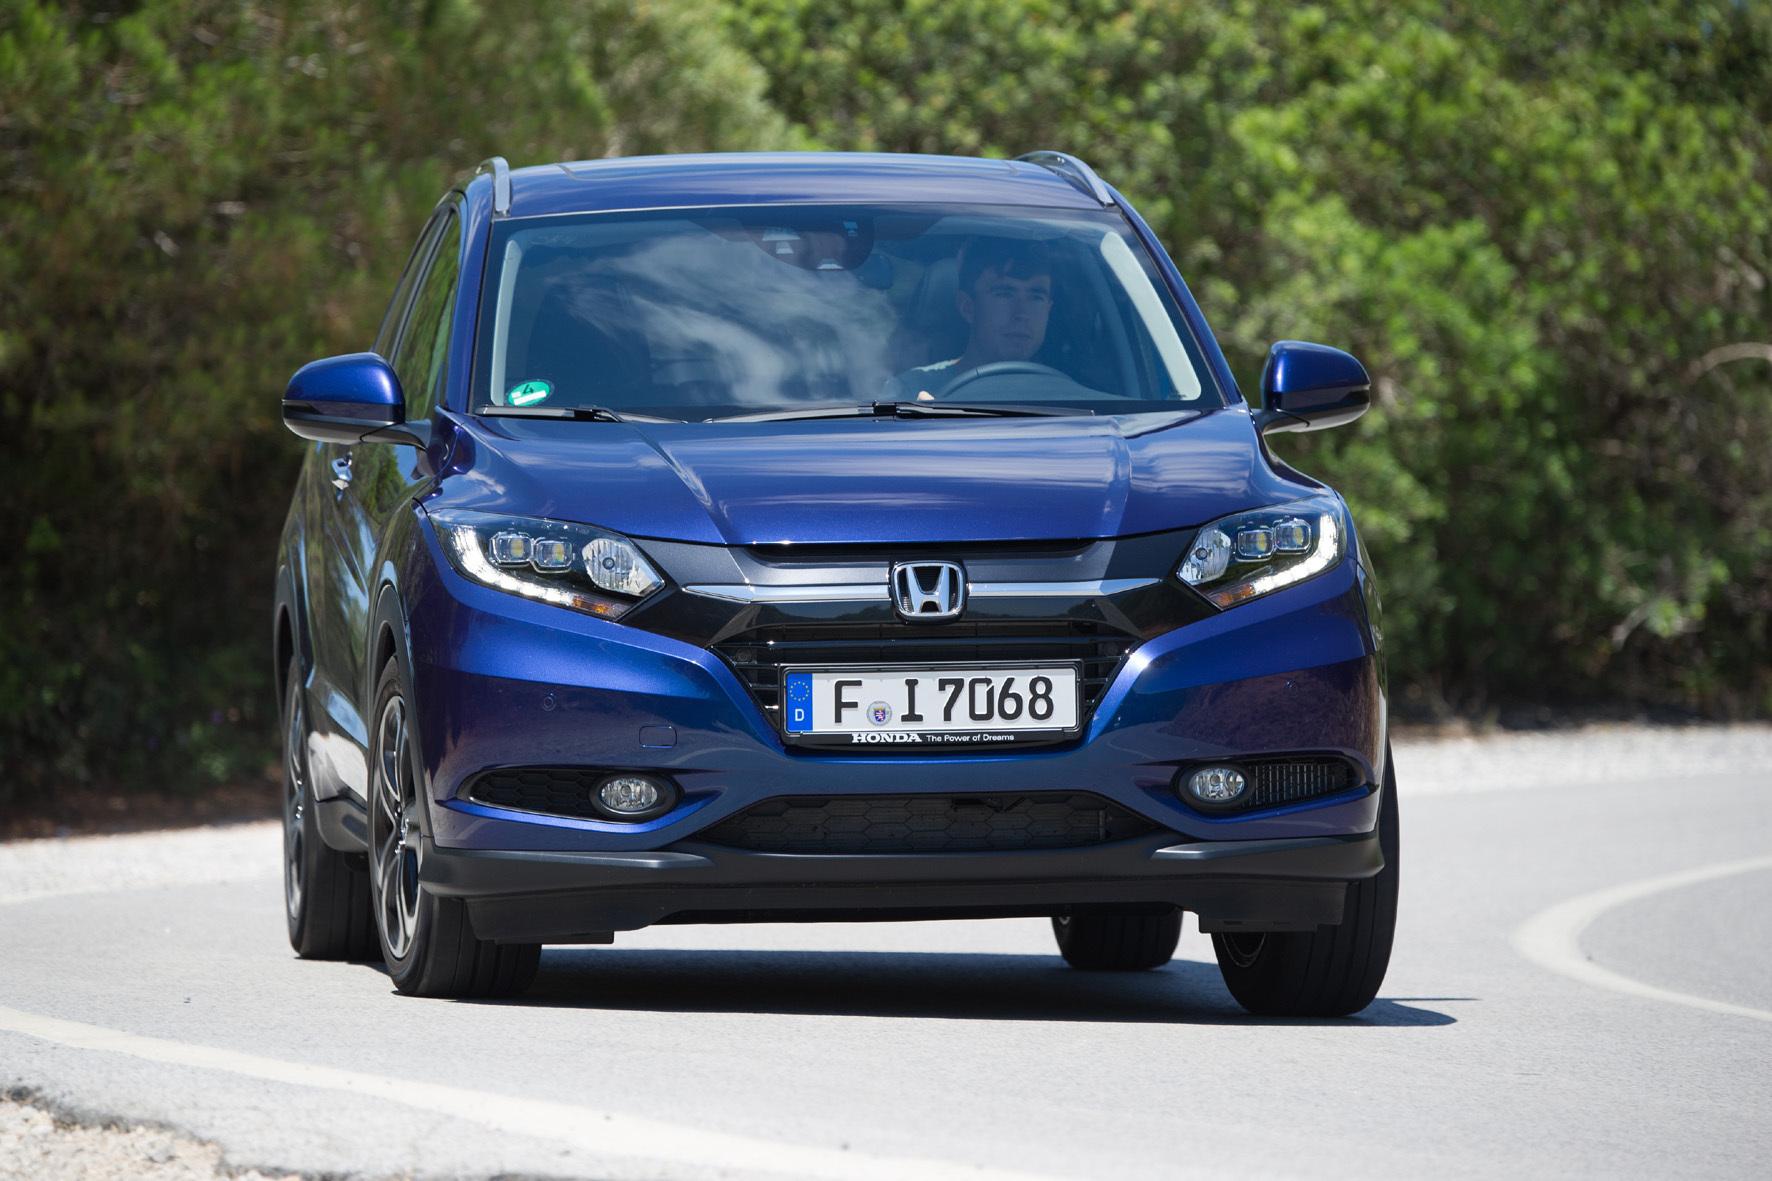 mid Groß-Gerau - Die Frontgestaltung des Honda HR-V vermittelt einen typischen SUV-Charakter.